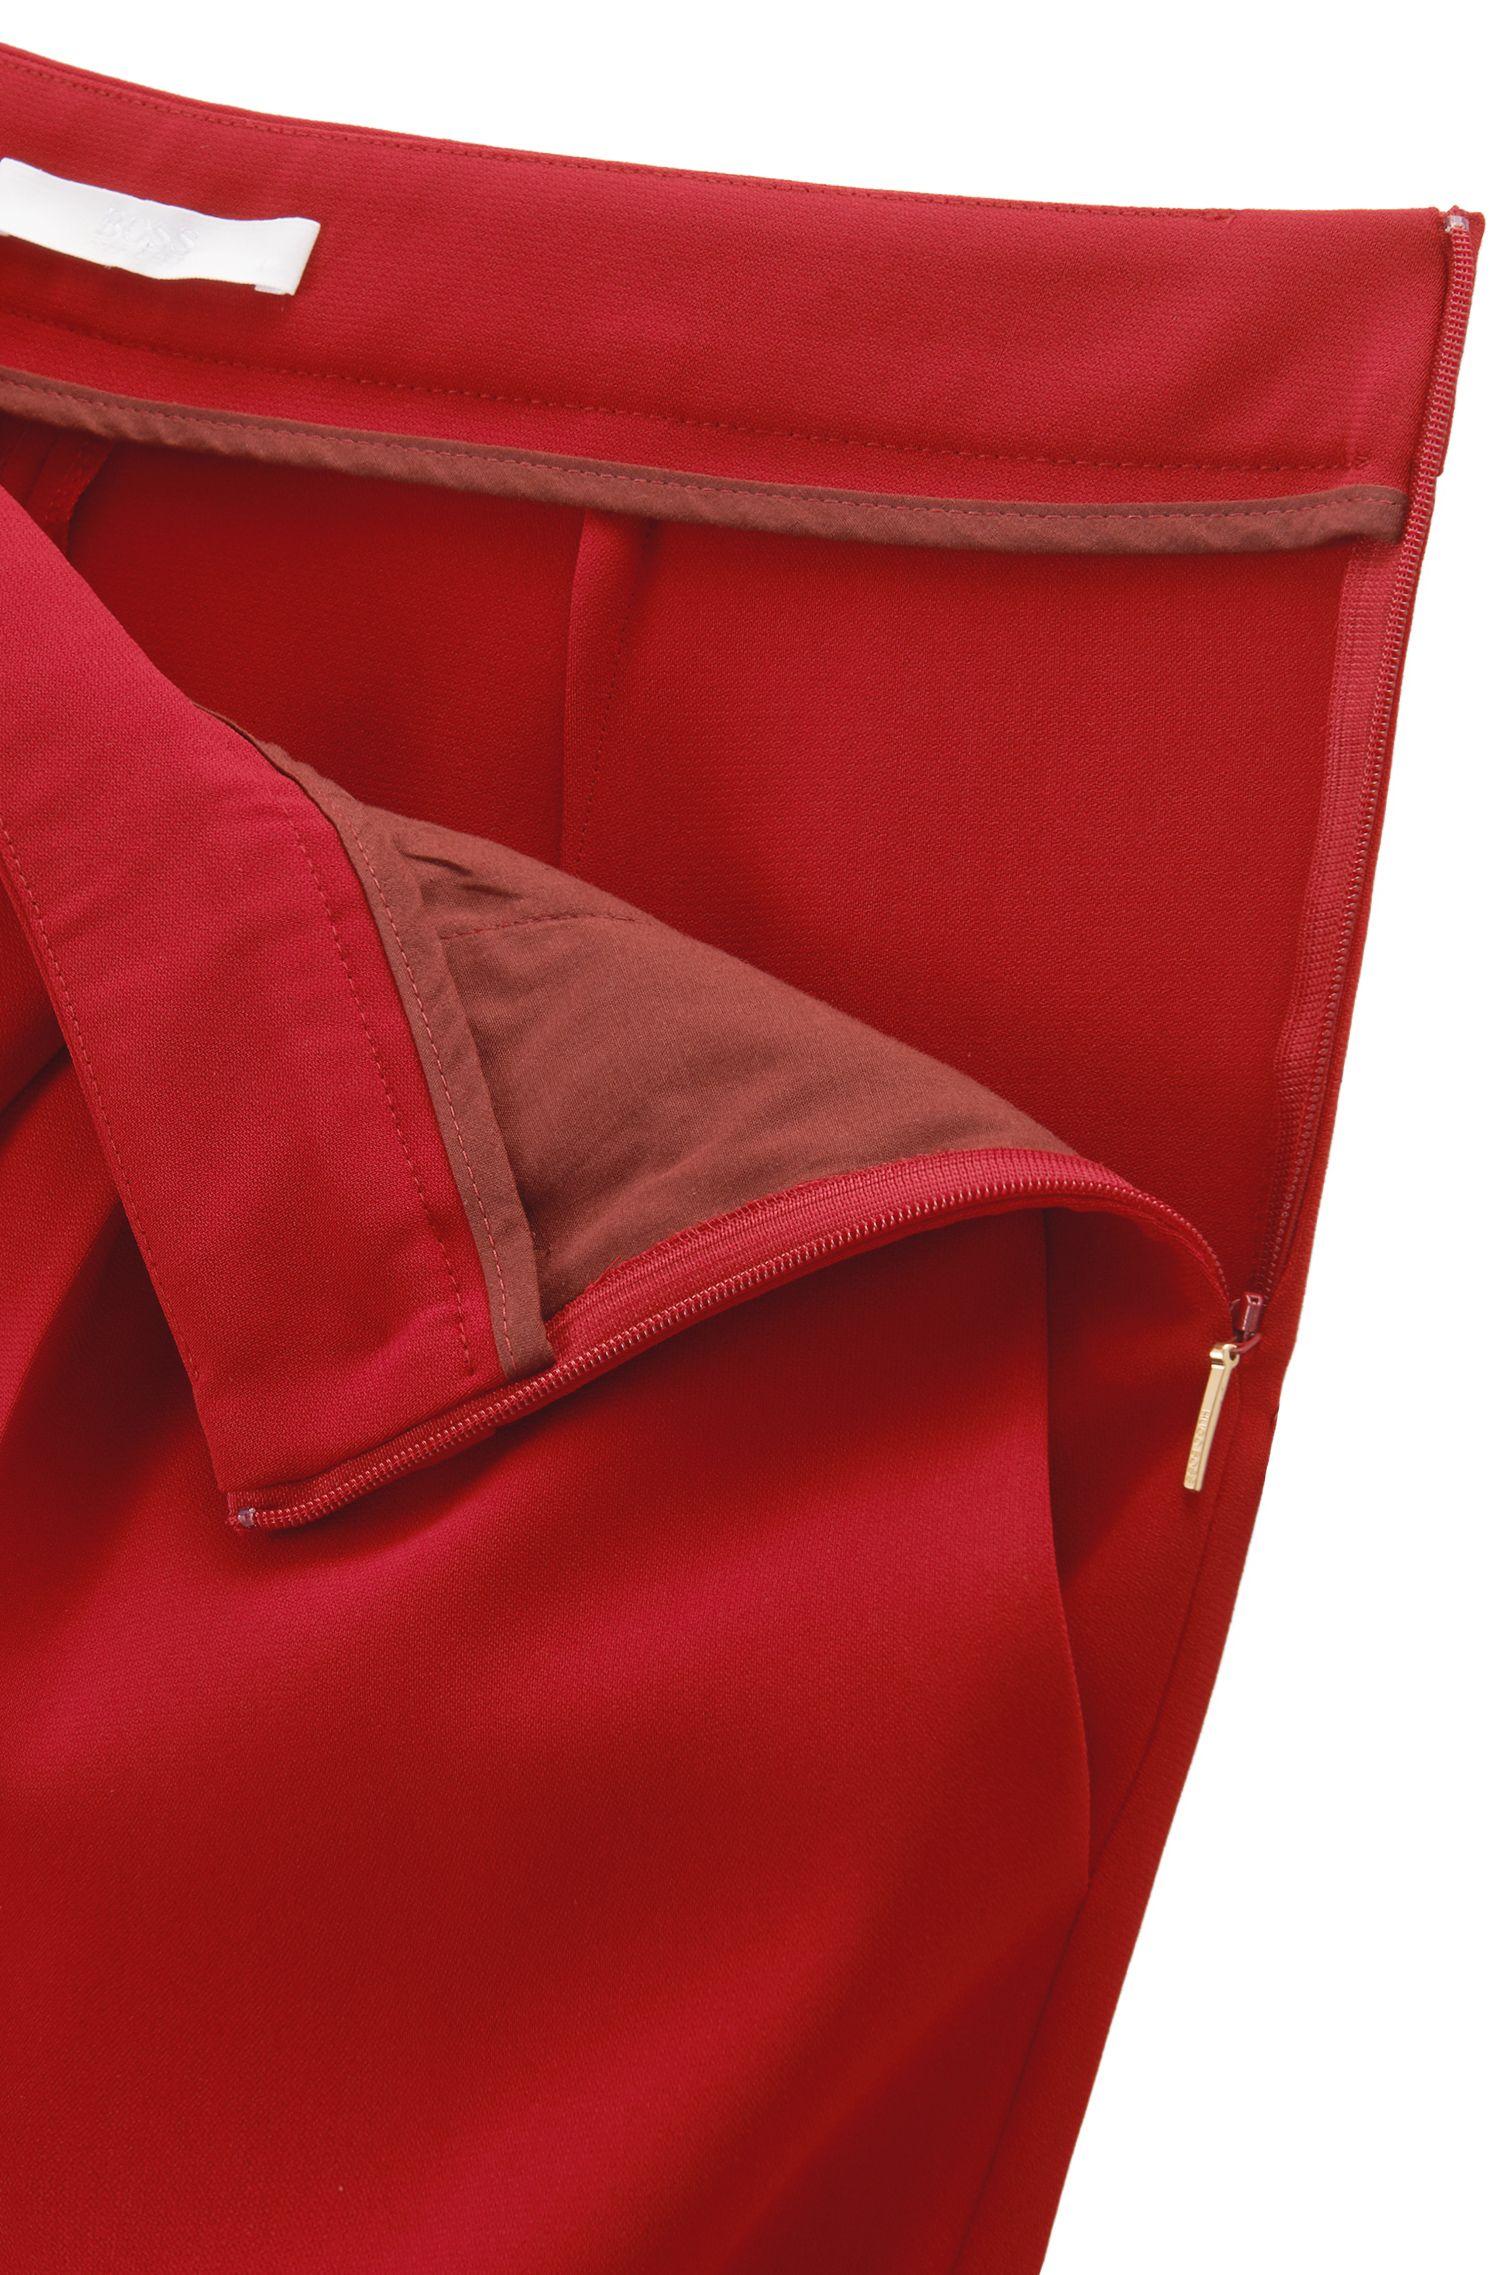 Kortere relaxed-fit broek met asymmetrisch plooidetail, Rood